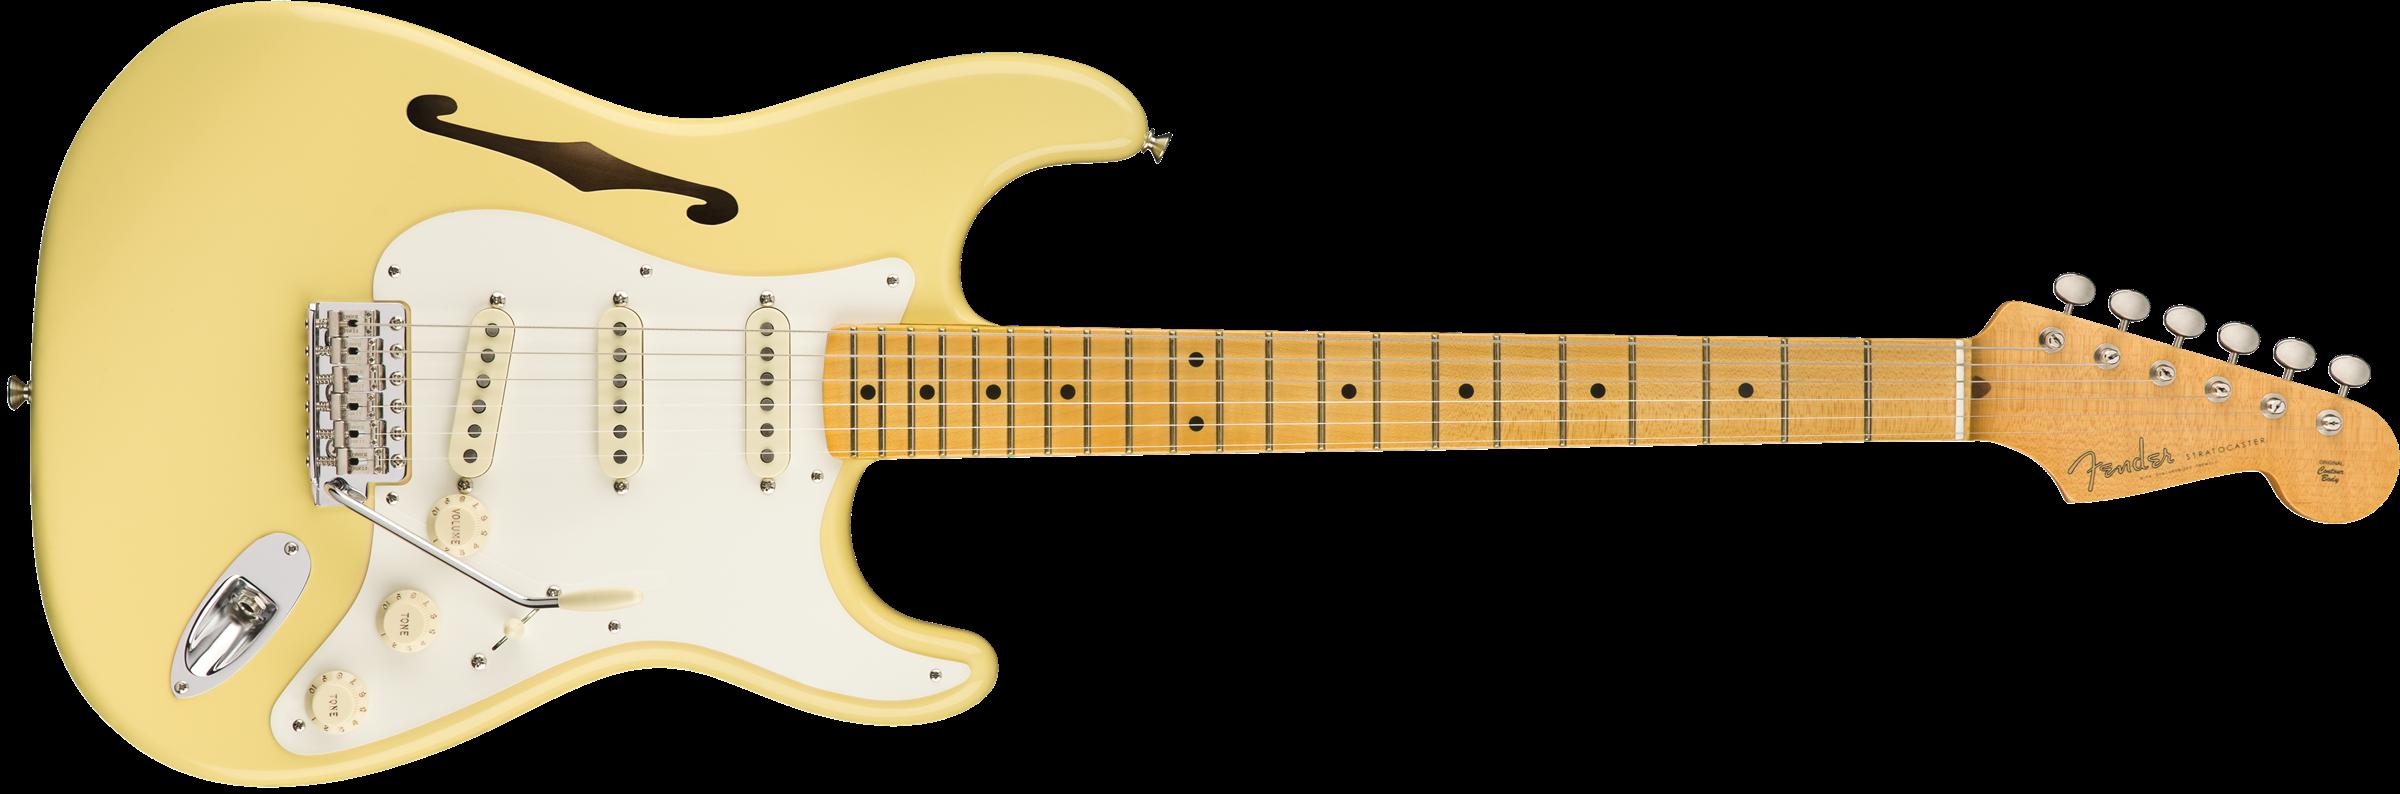 Brand New Fender Eric Johnson Thinline Stratocaster!